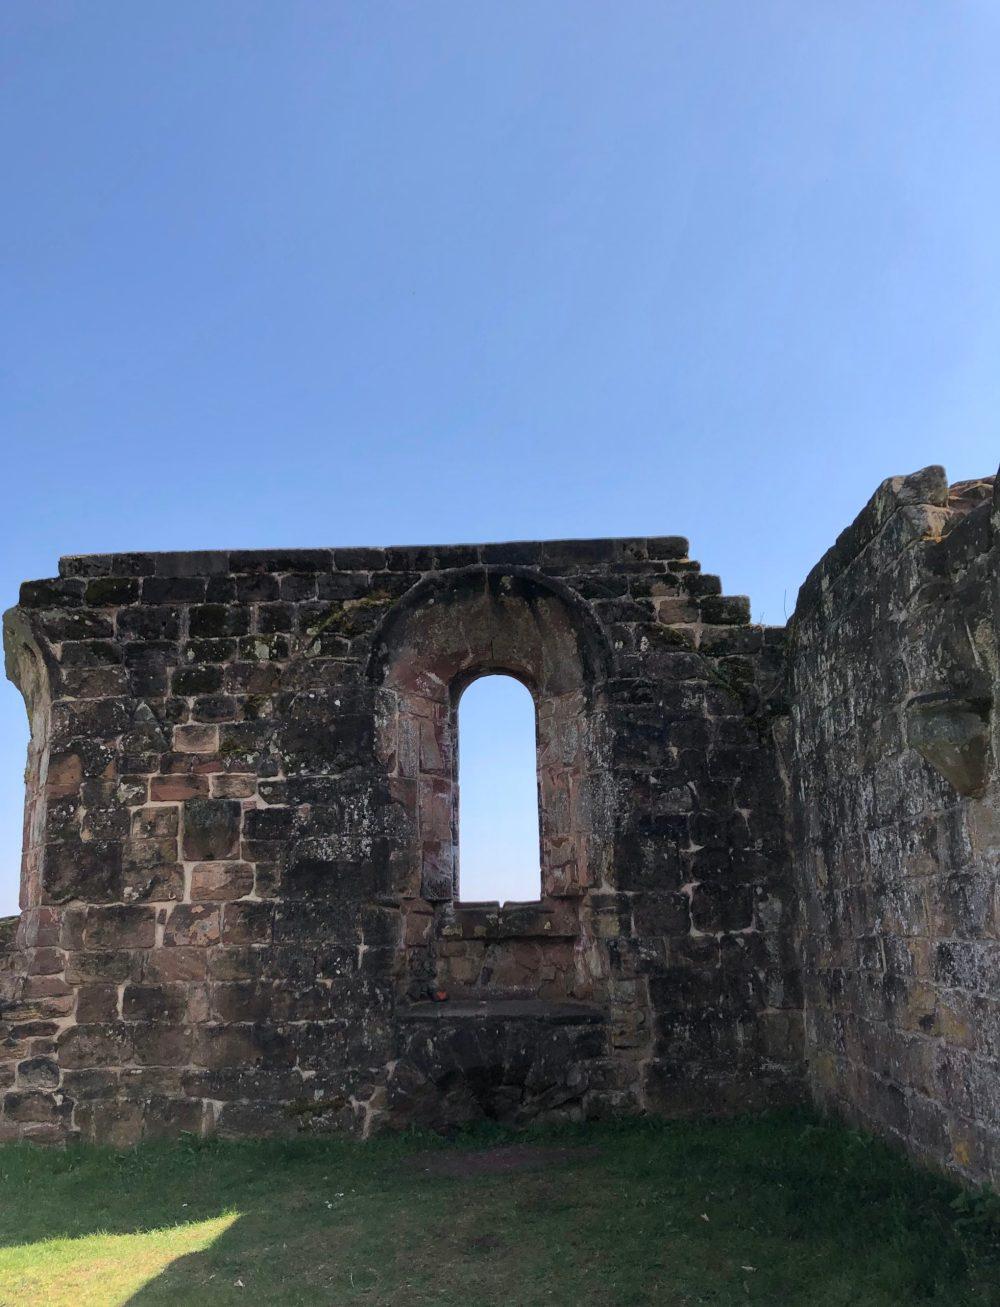 Teile der Wand mit Fenstern